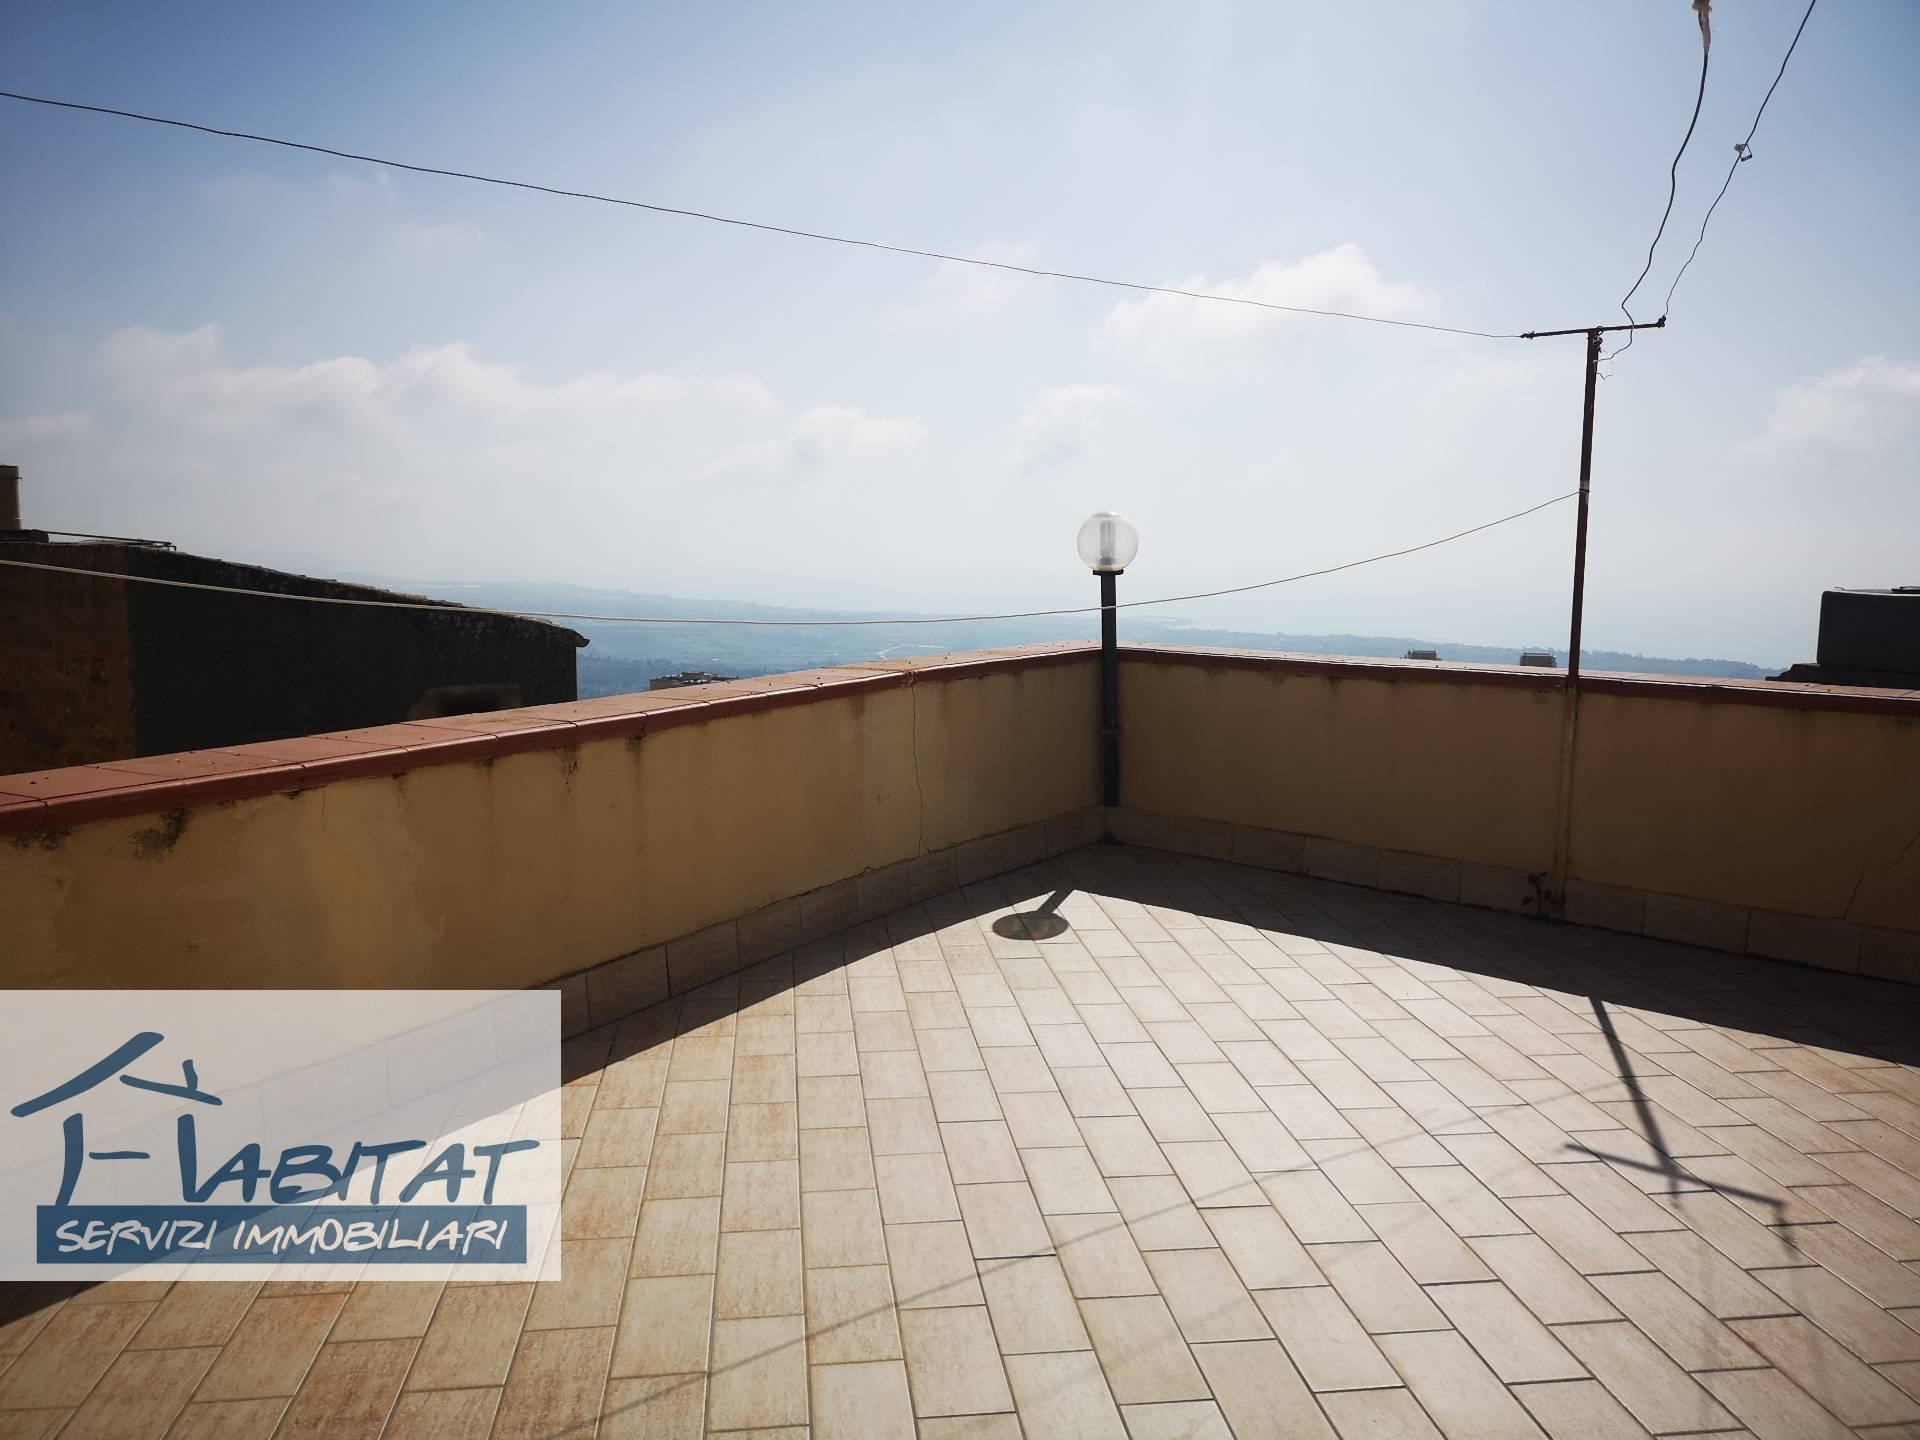 Appartamento in vendita a Agrigento, 6 locali, zona Località: Centrostorico, prezzo € 60.000 | PortaleAgenzieImmobiliari.it